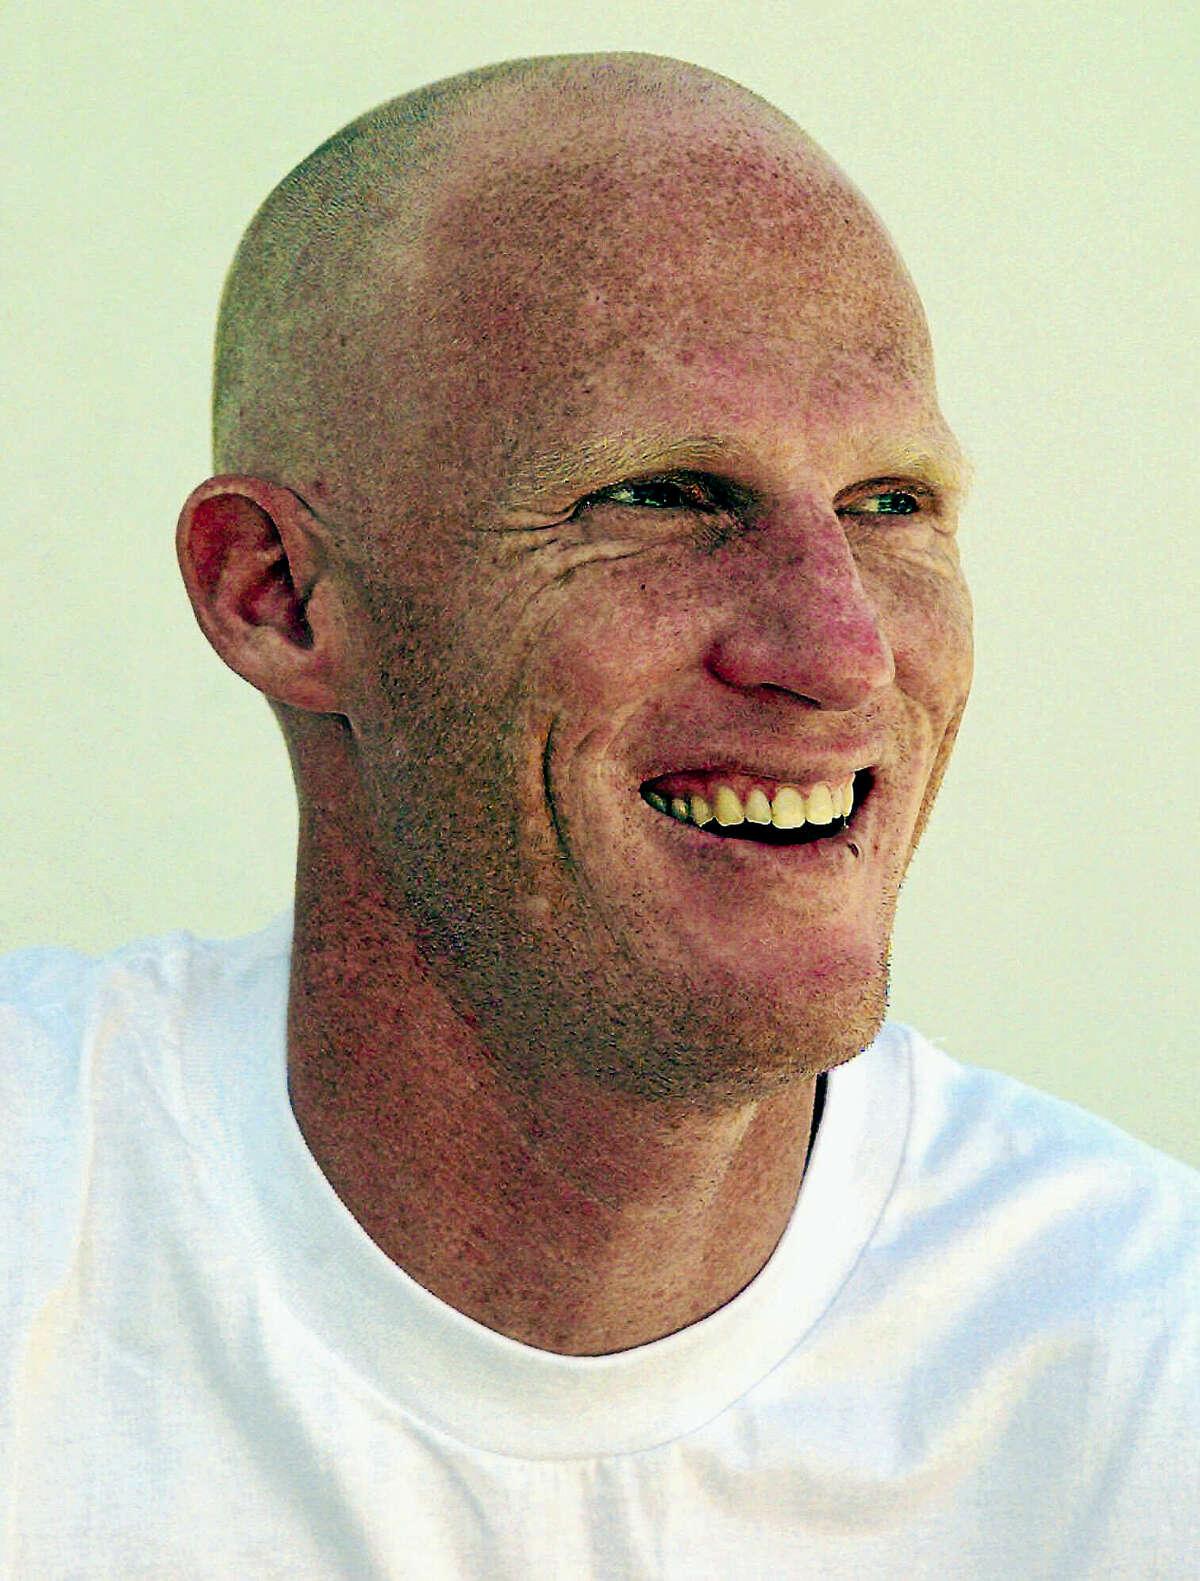 Former Raiders quarterback Todd Marinovich in 2000.